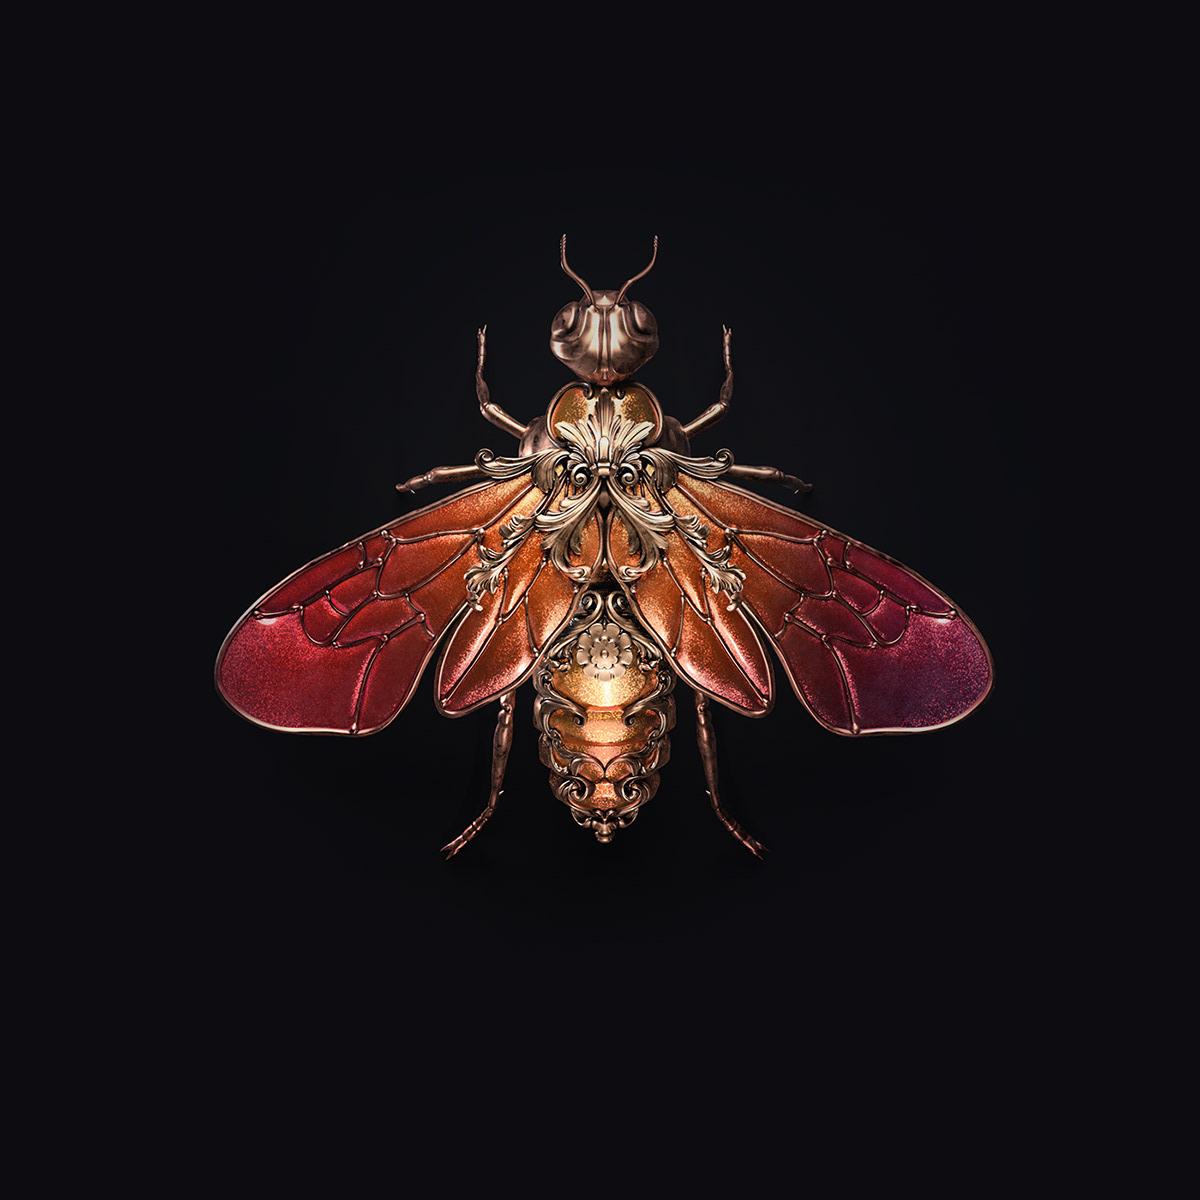 Jewel insects by Sasha Vinogradova 3